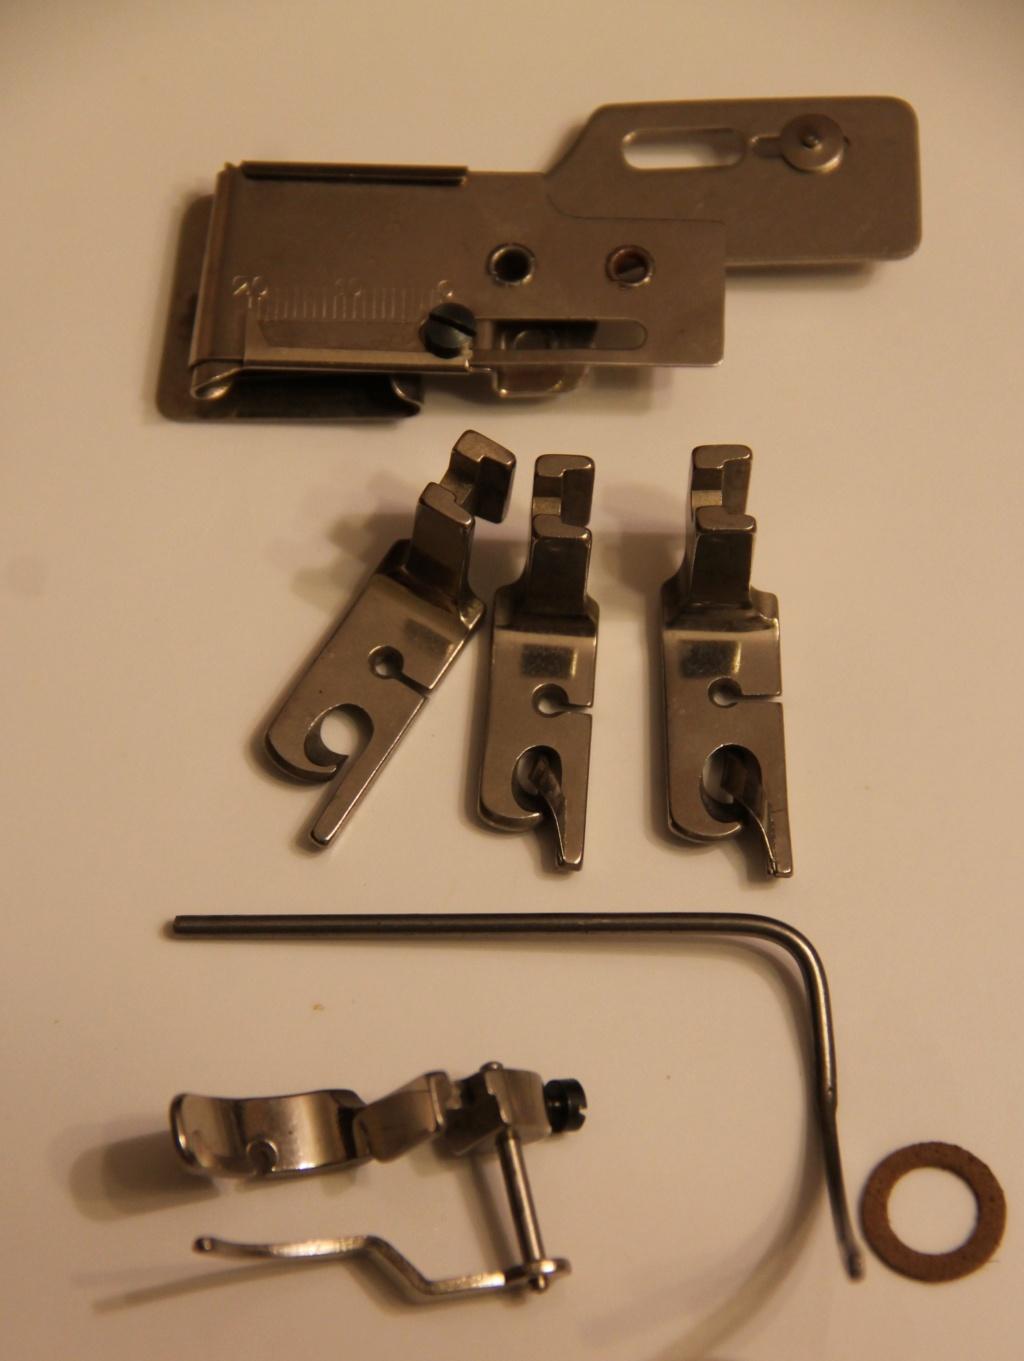 Identification d'accessoires pour des machines à coudre anciennes - Page 2 Img_4529